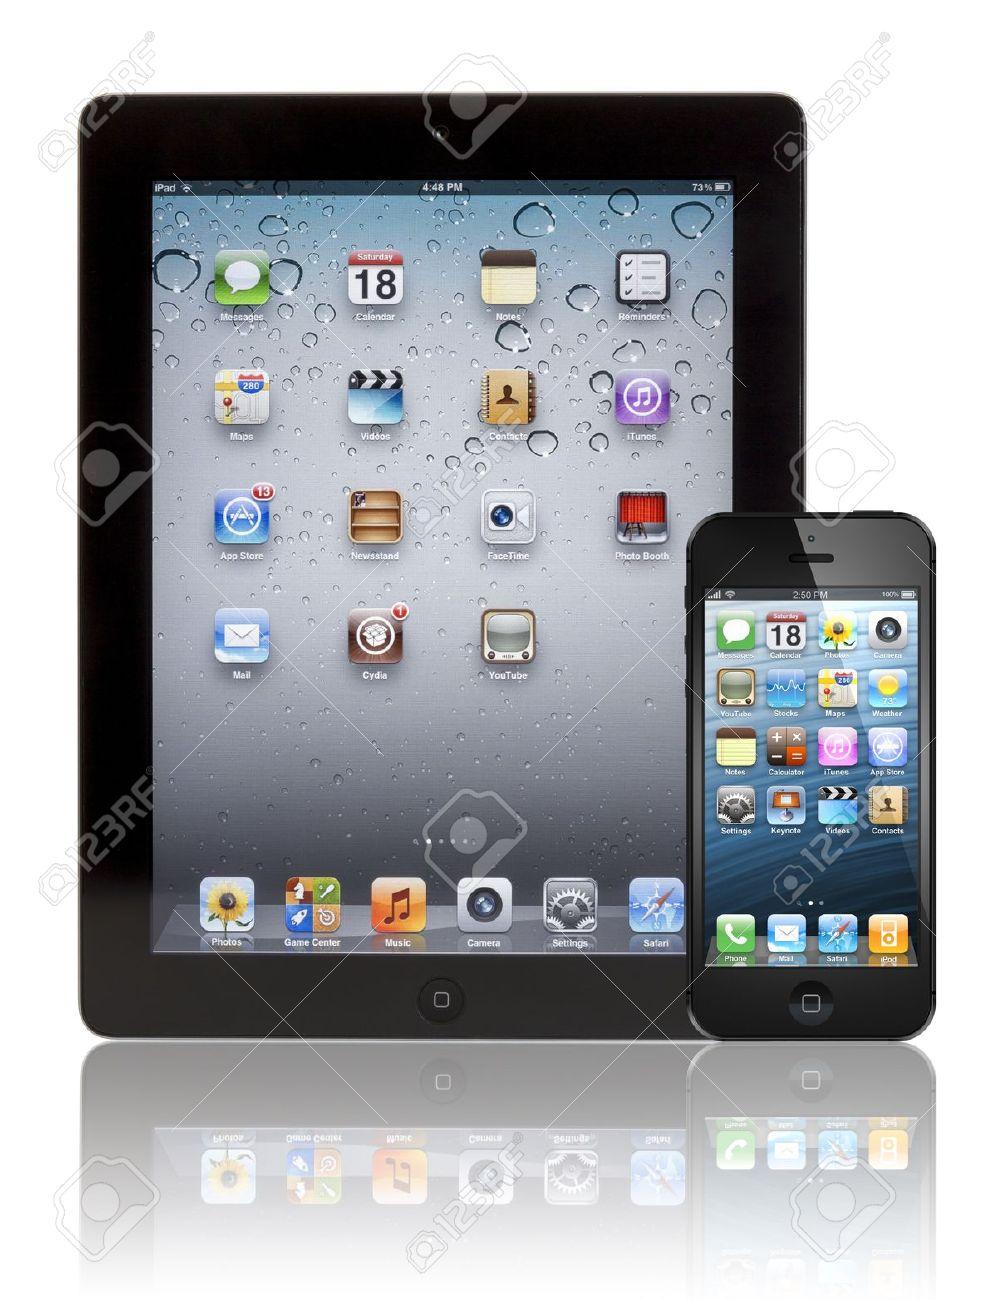 黒のアップル Iphone 5 黒アップルのアプリ 3 タブレットの前に 両方